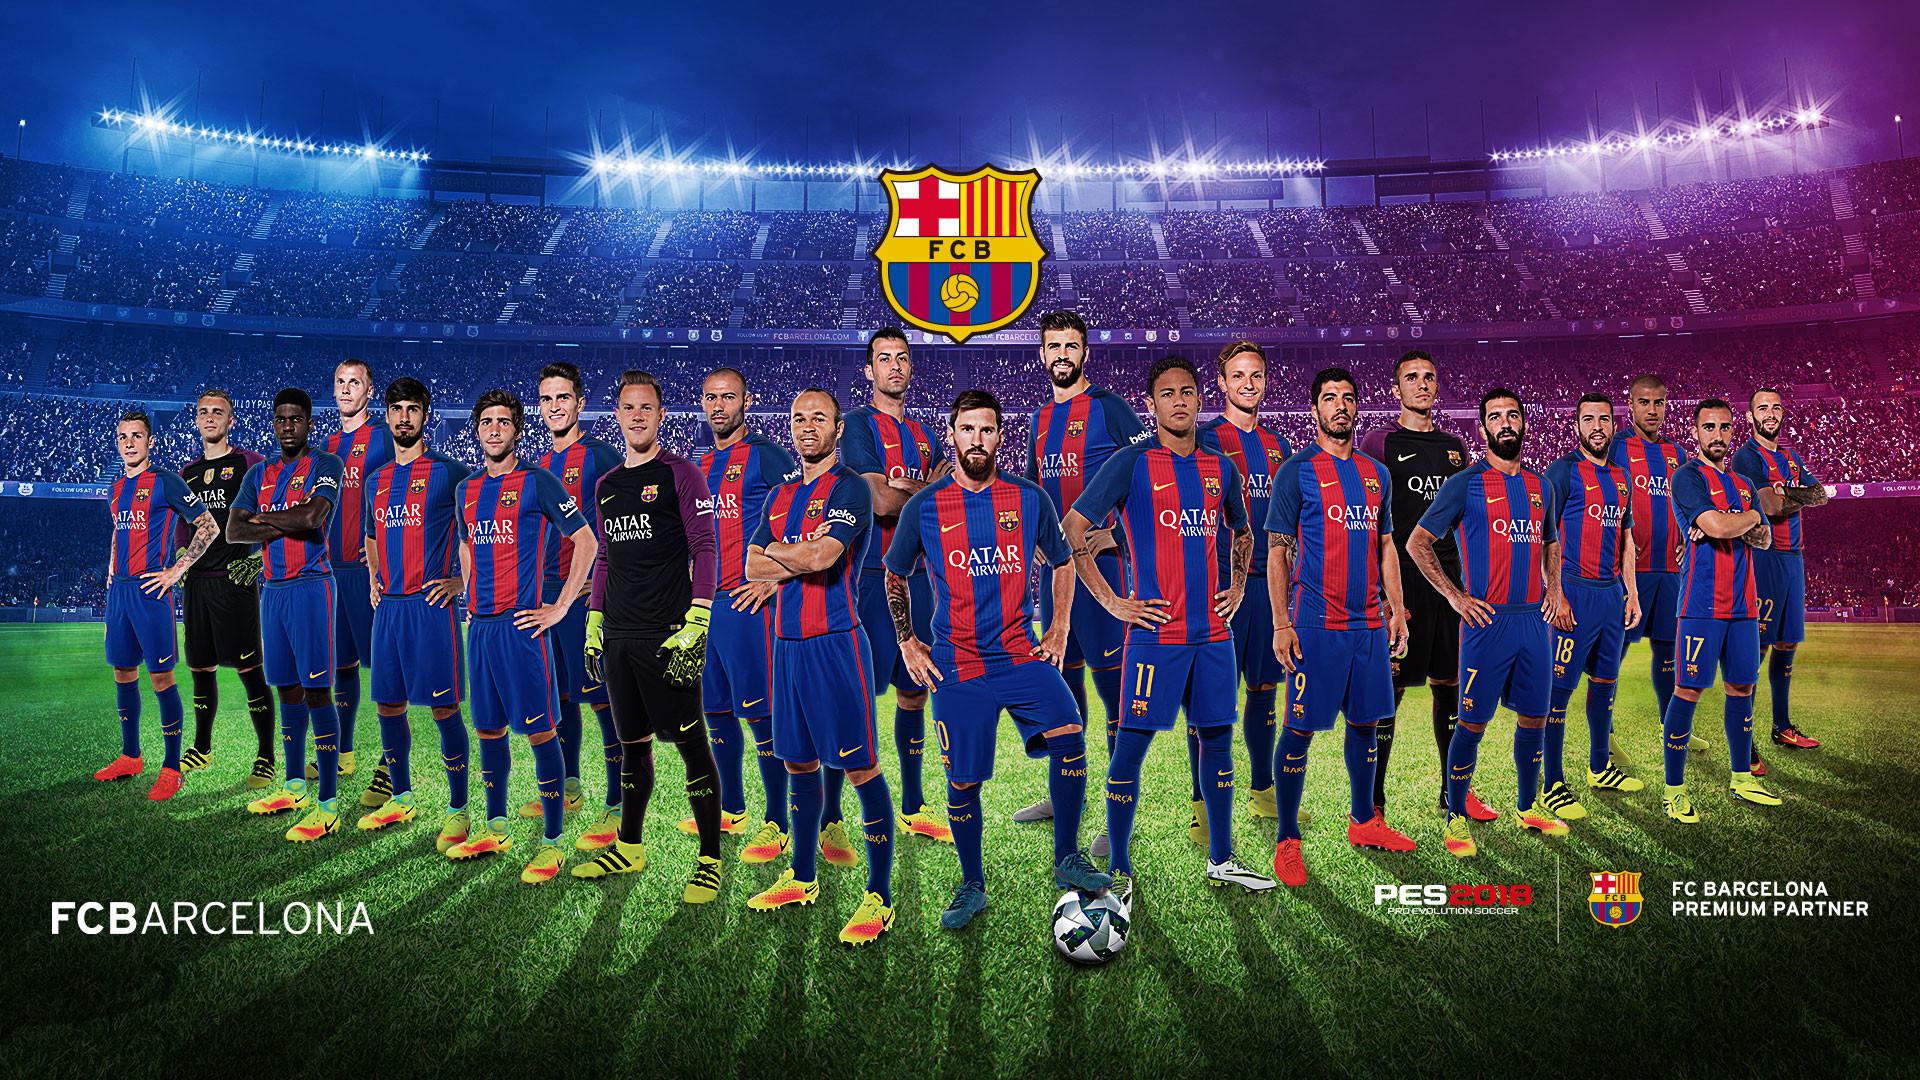 Fc Barcelona Wallpaper 2018 Wallpapertag